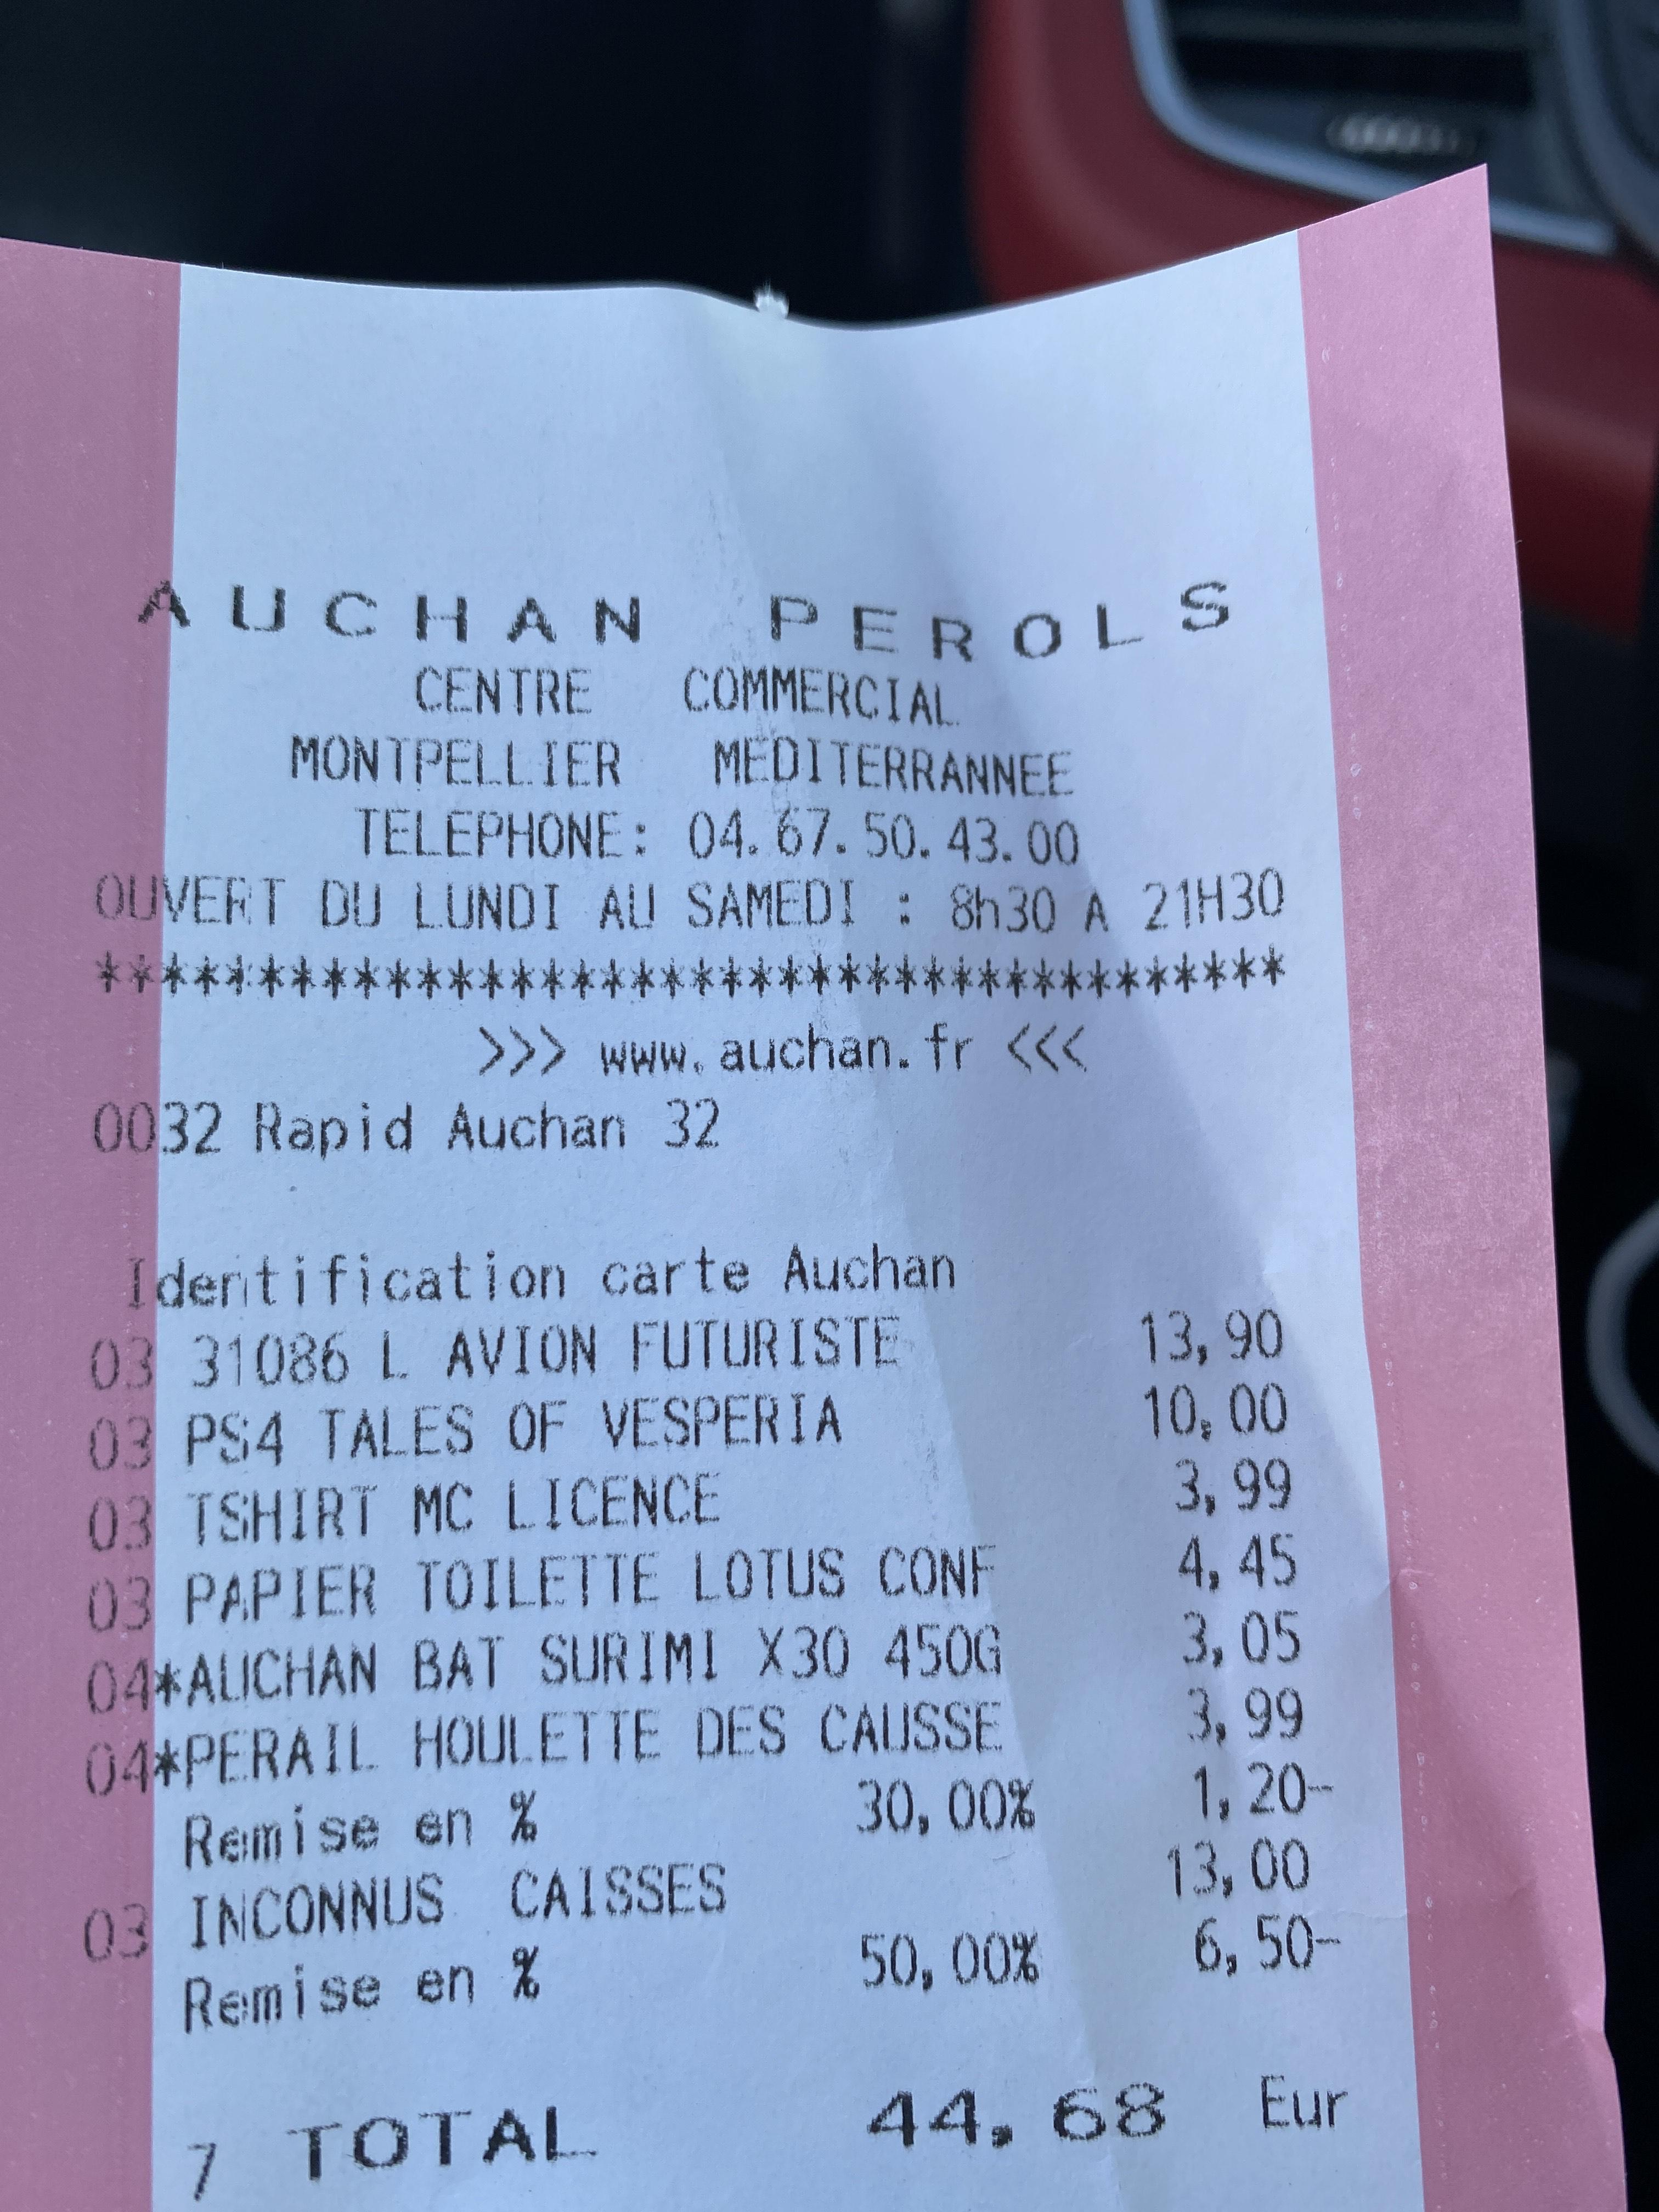 Jeu Tales of vesperia definitive edition sur PS4 - Auchan perols (34)